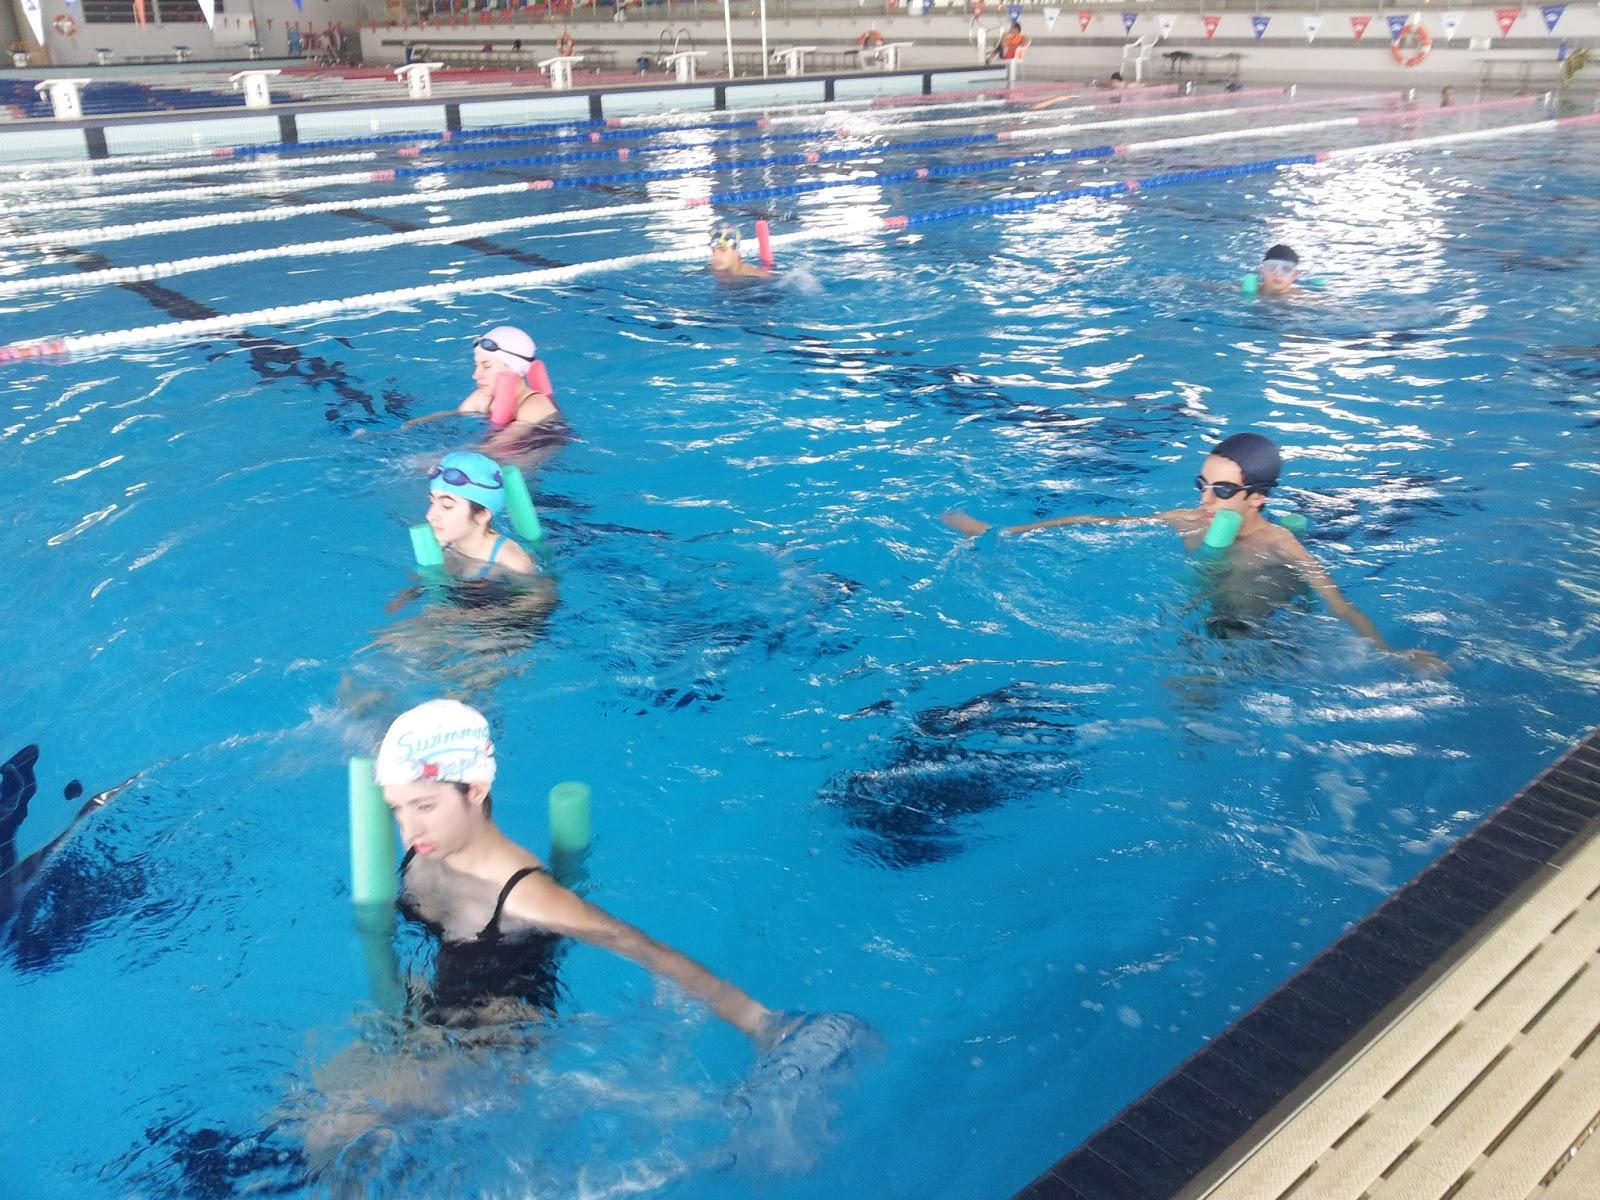 Taller piscina for Ejercicios espalda piscina